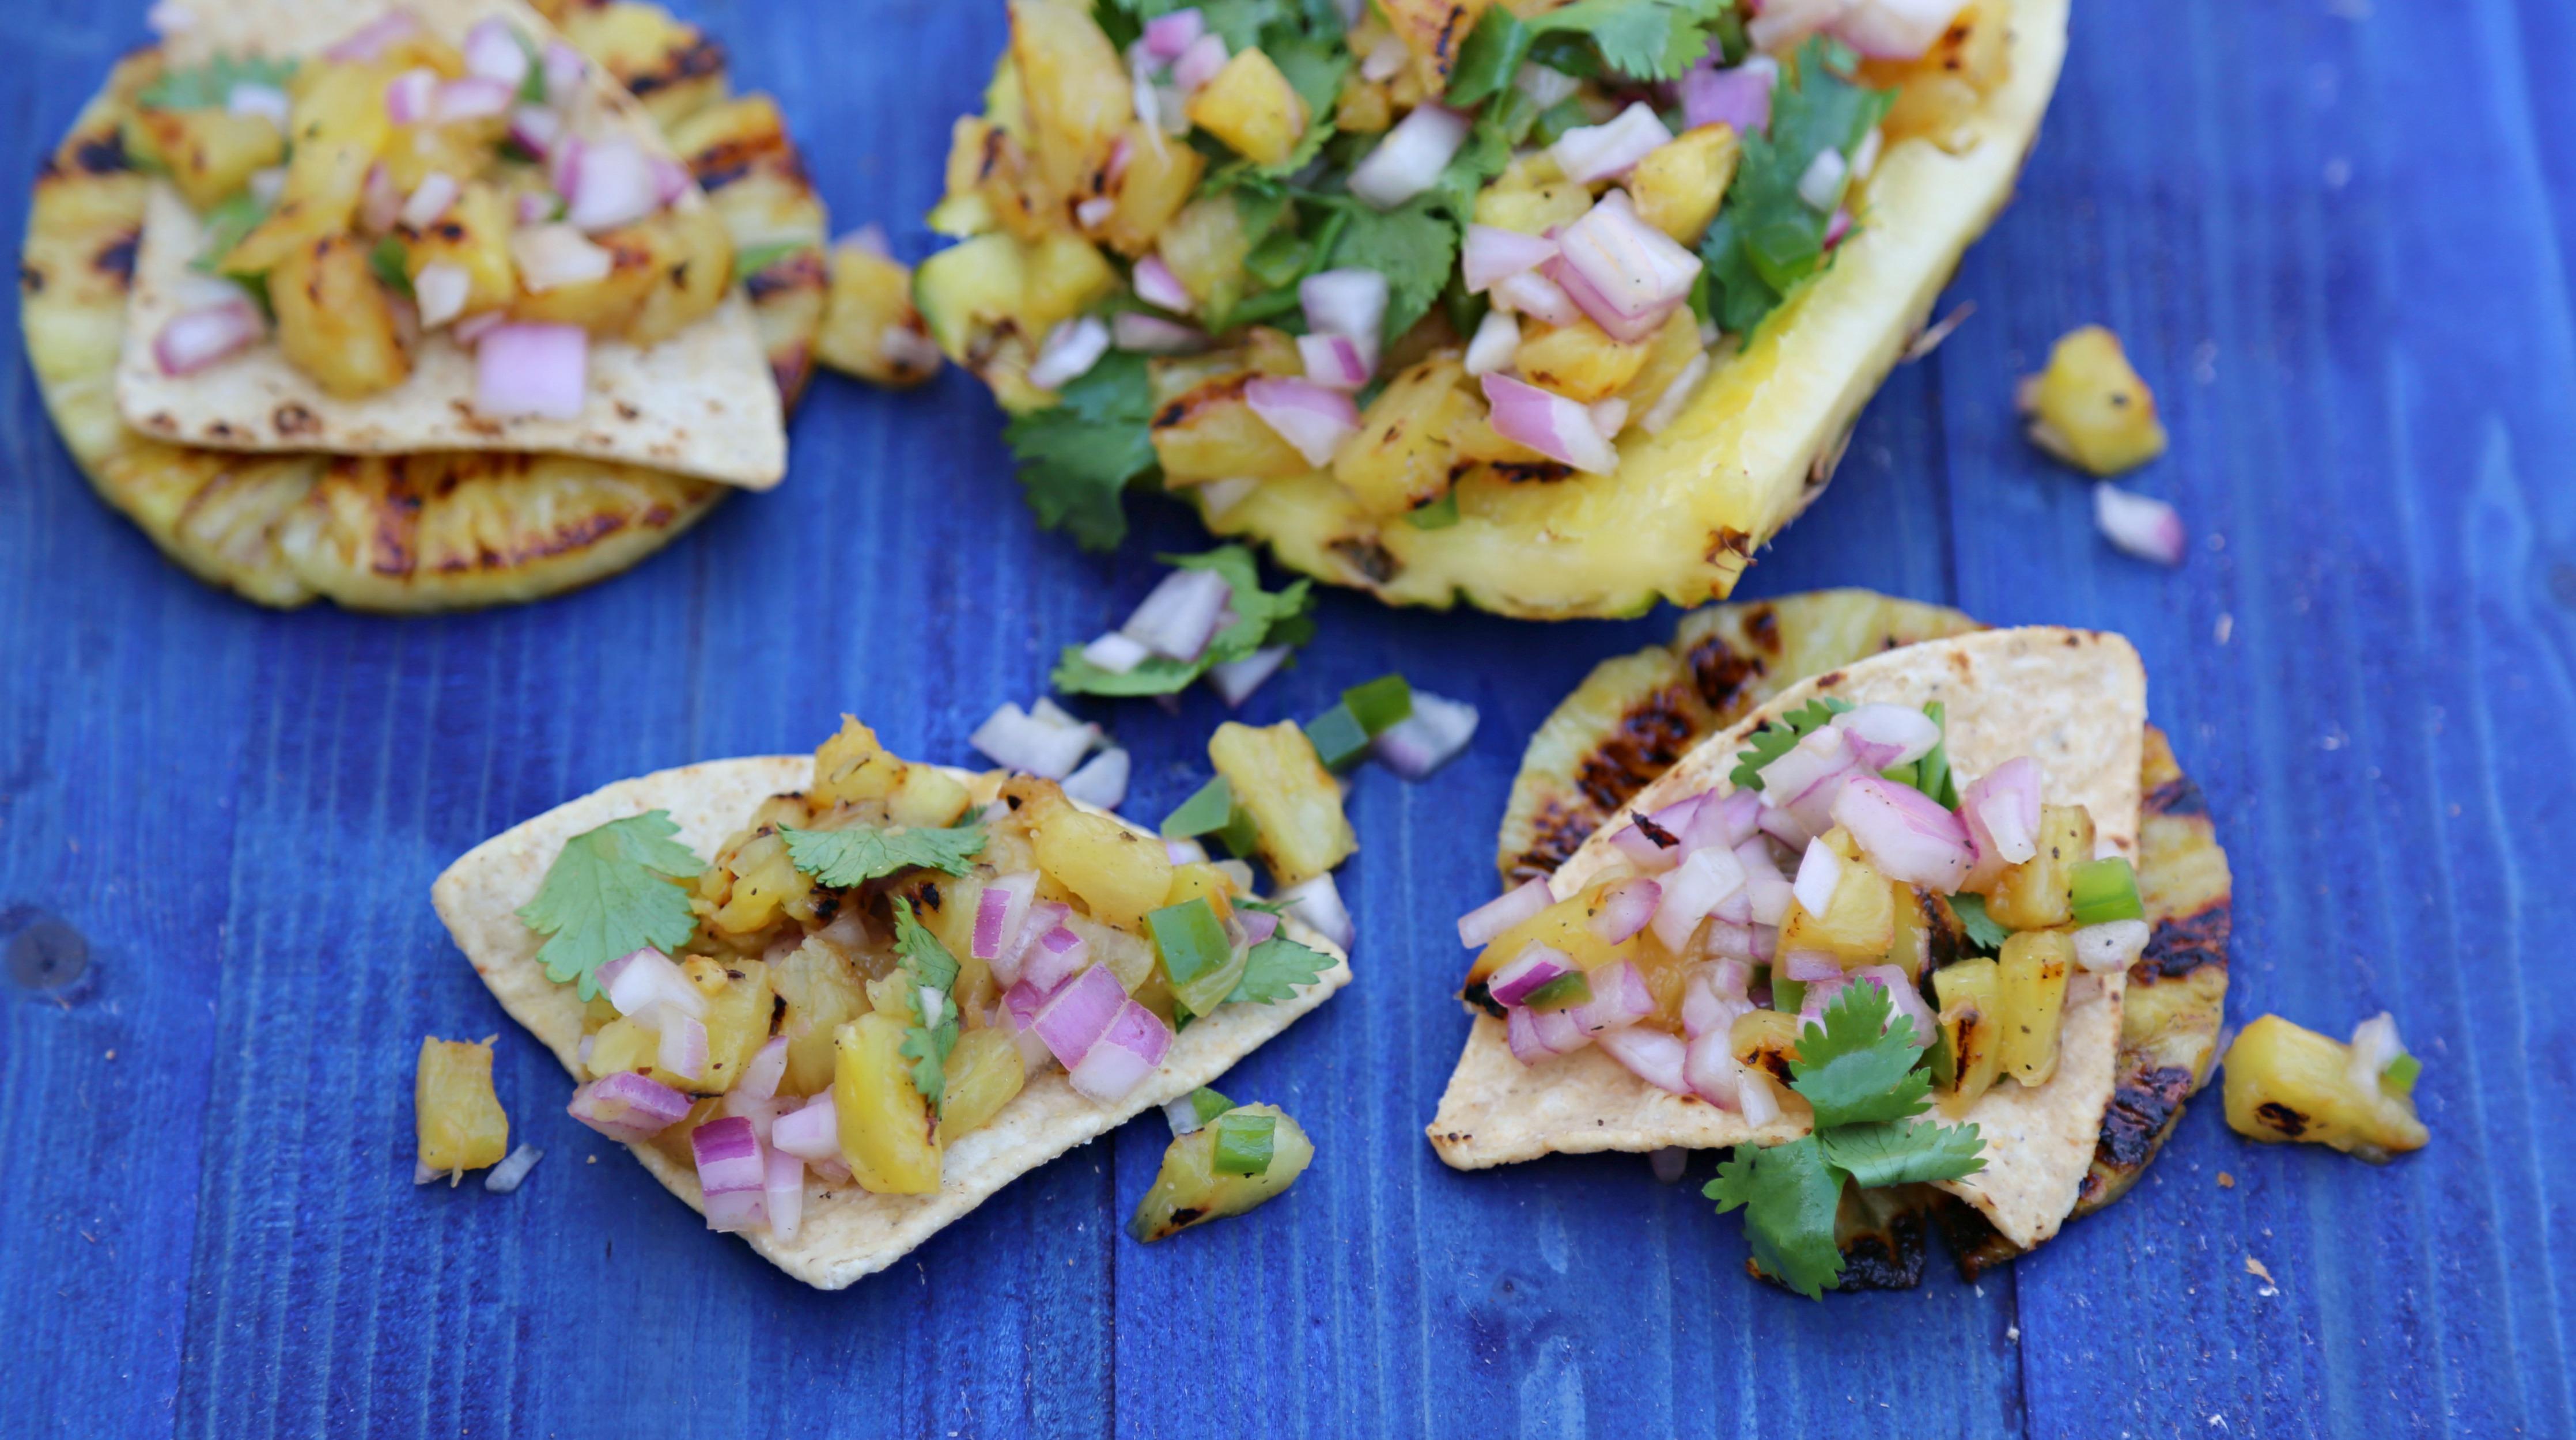 grilled-pineapple-salsa-vianneyrodriguez-sweetlifebake